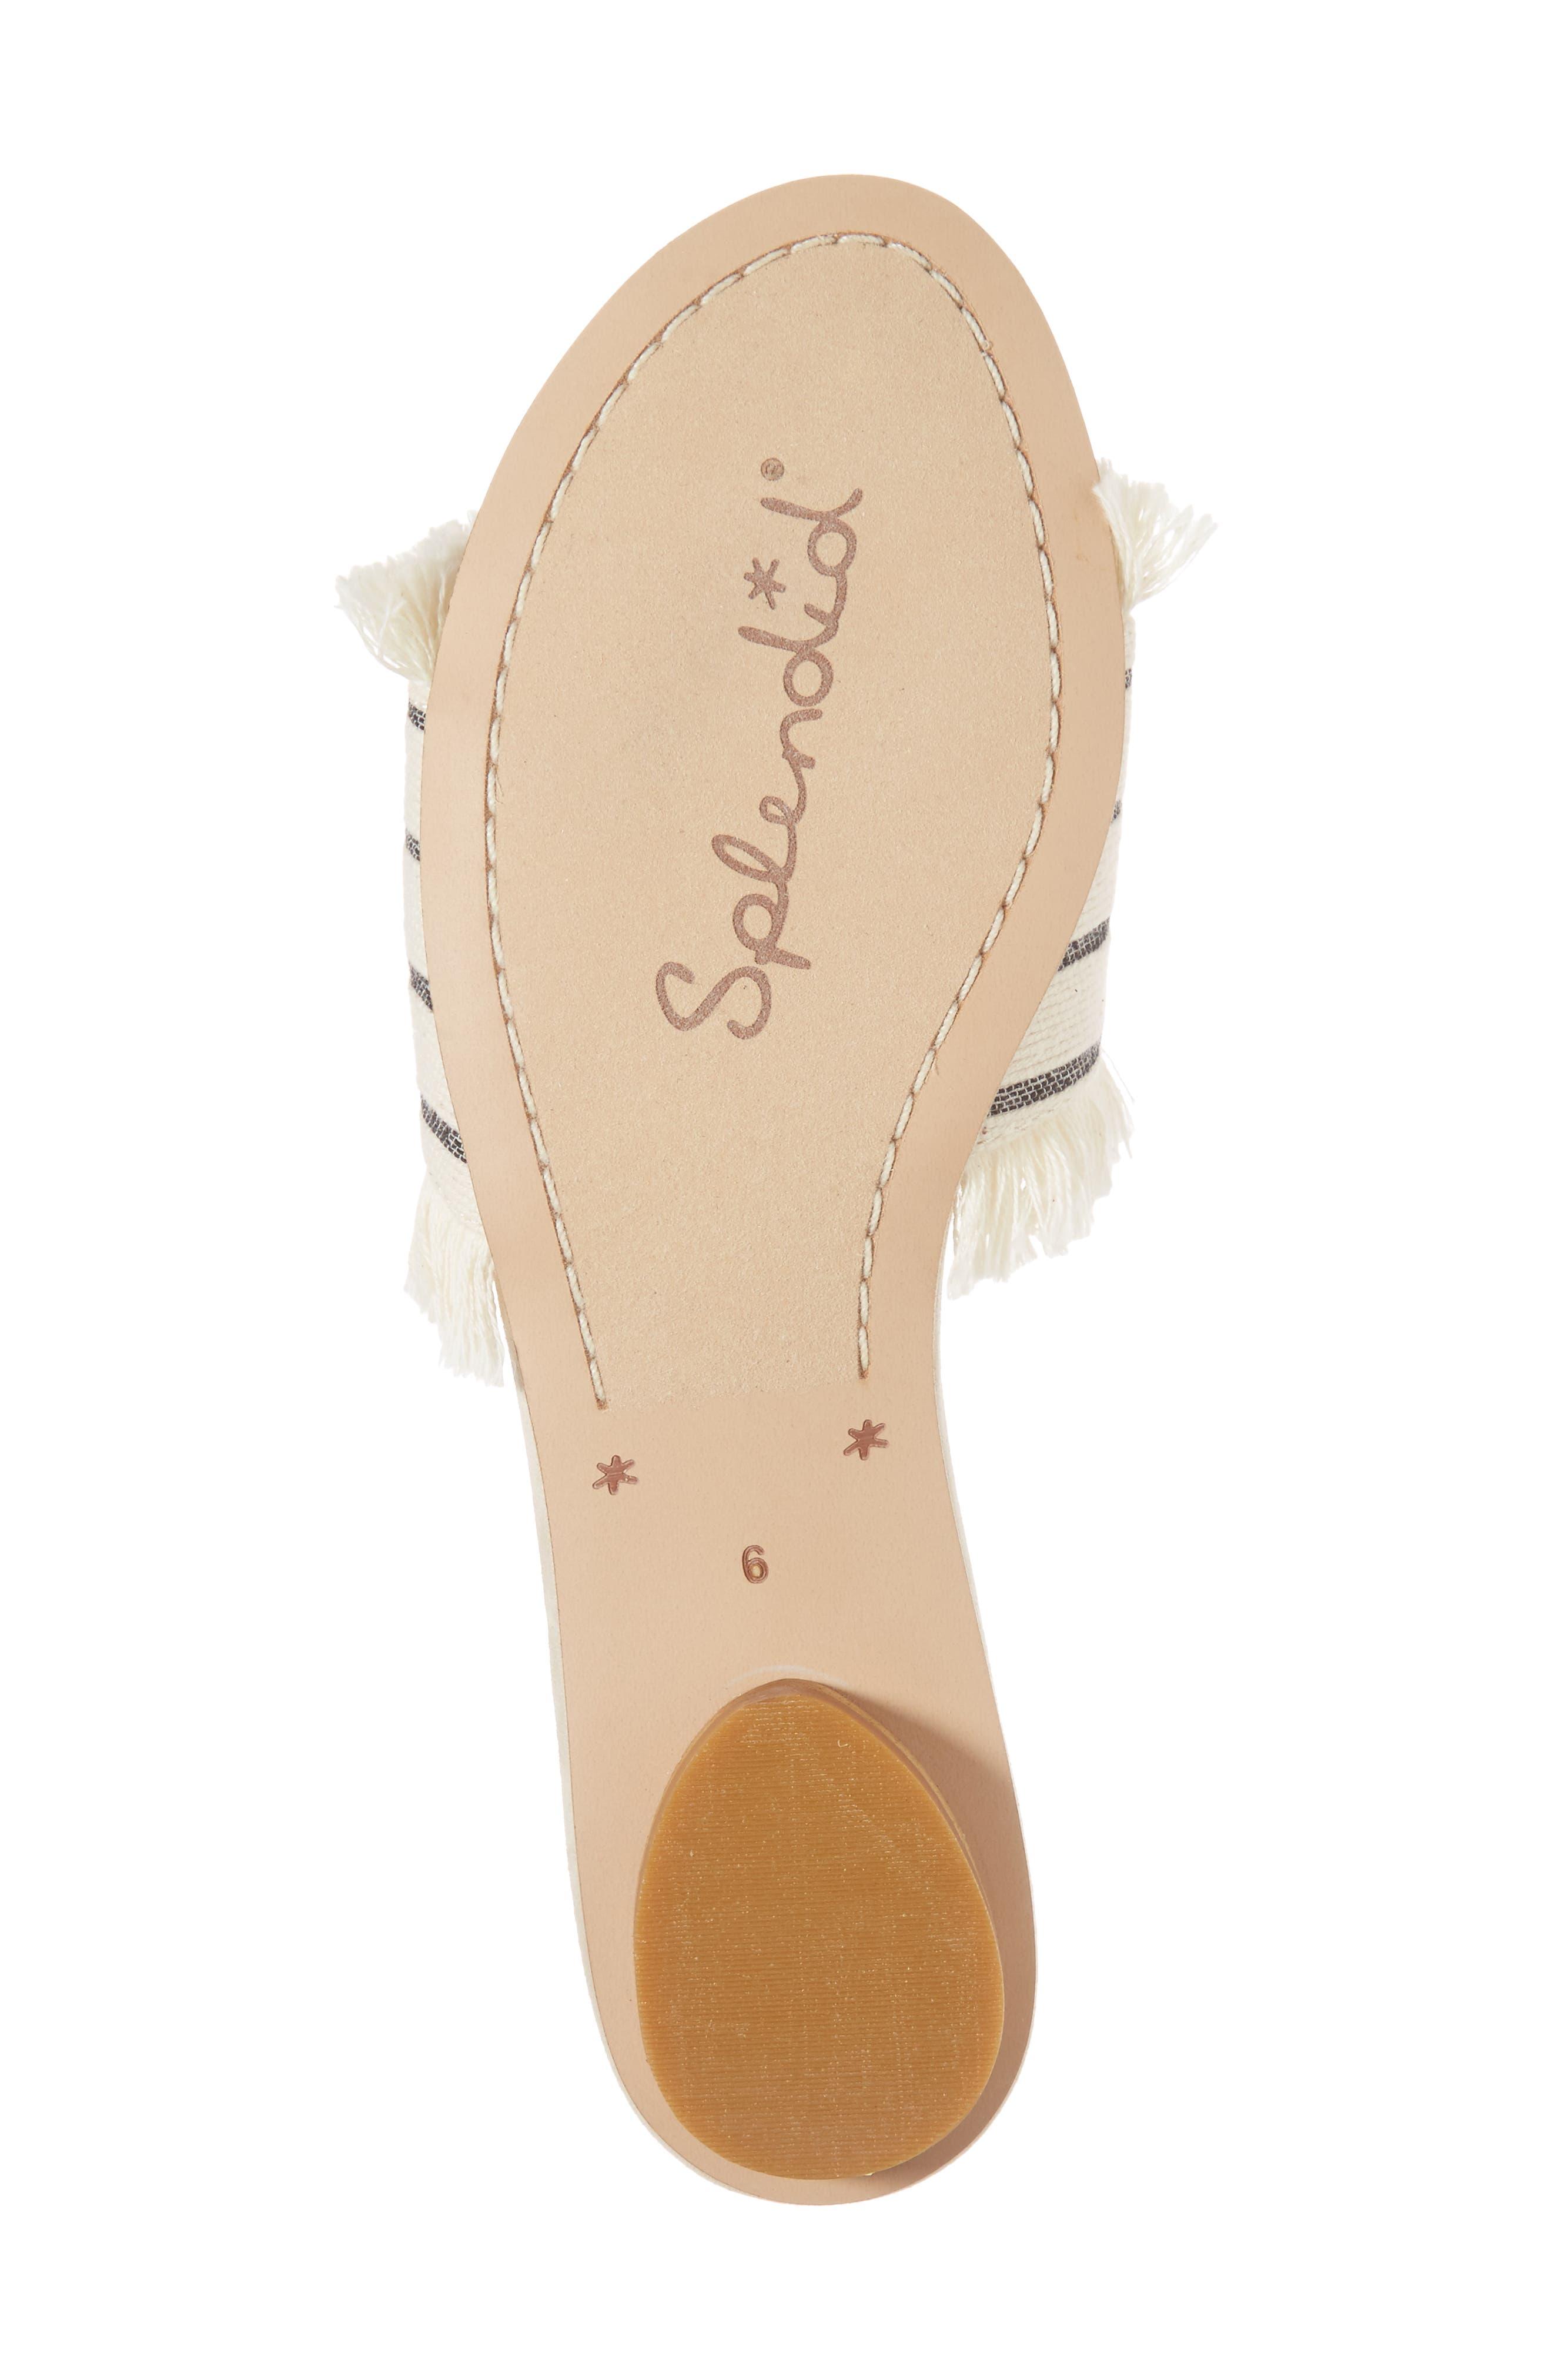 Baldwyn Fringe Slide Sandal,                             Alternate thumbnail 6, color,                             Cream Leather